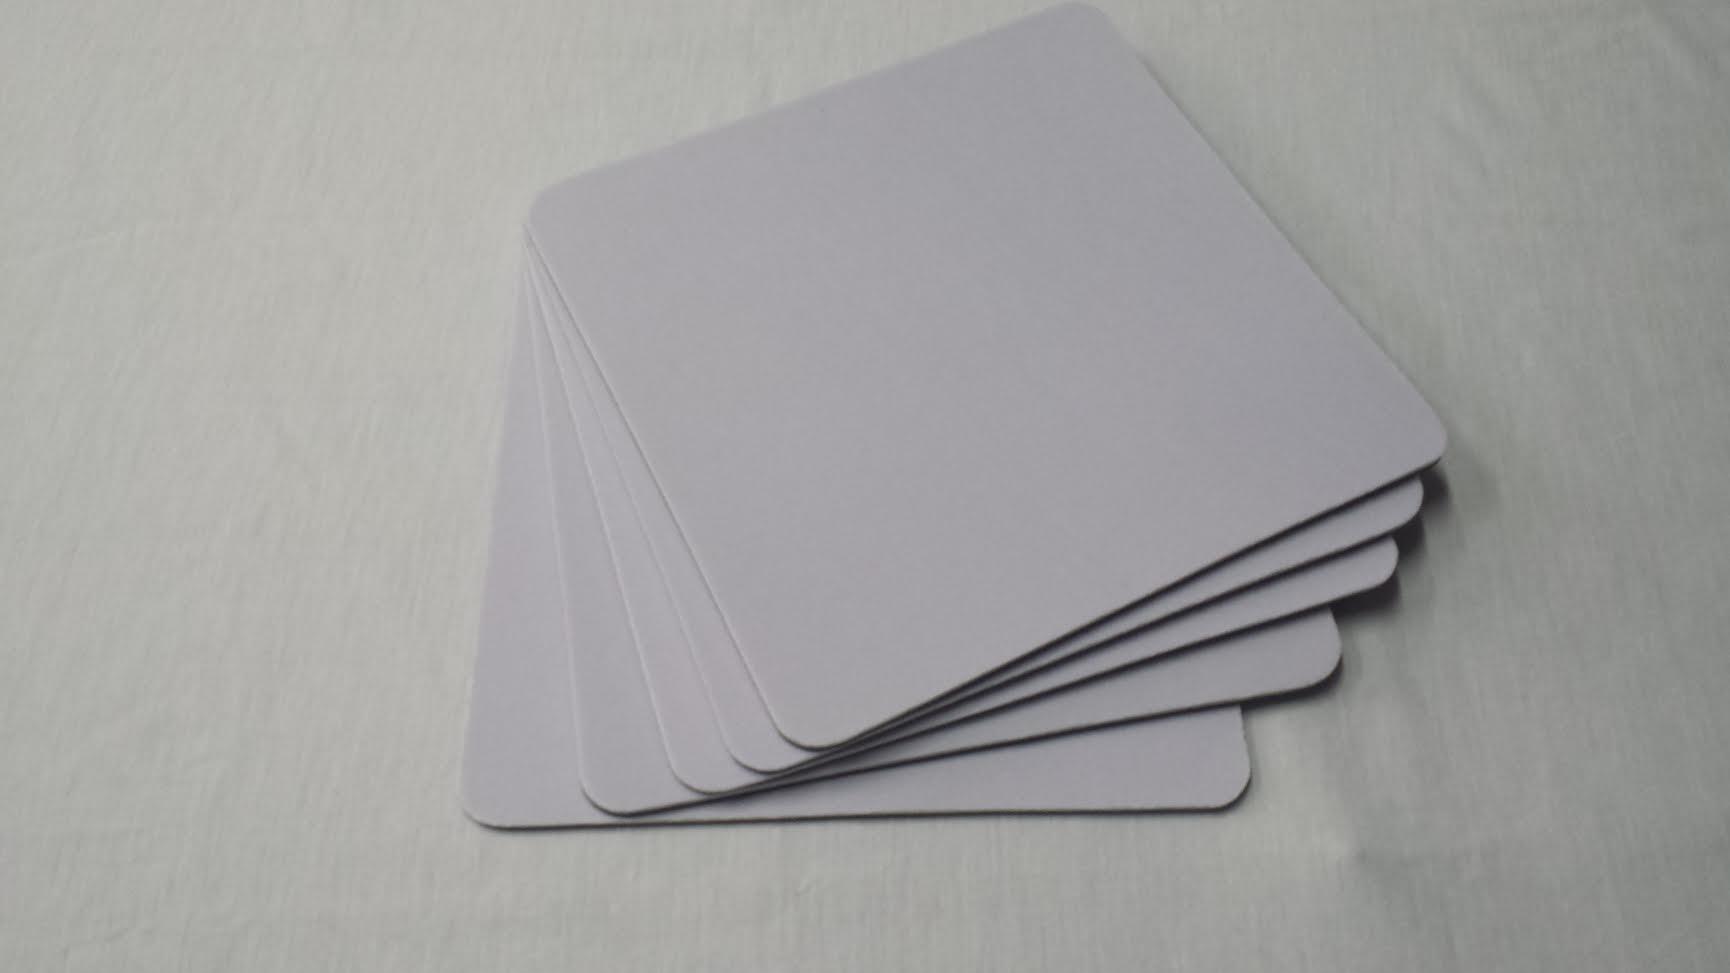 Mouse Pad Quadrado P/ Sublimação 19X19 Cm (basico) REF 302 - Valor Unitário